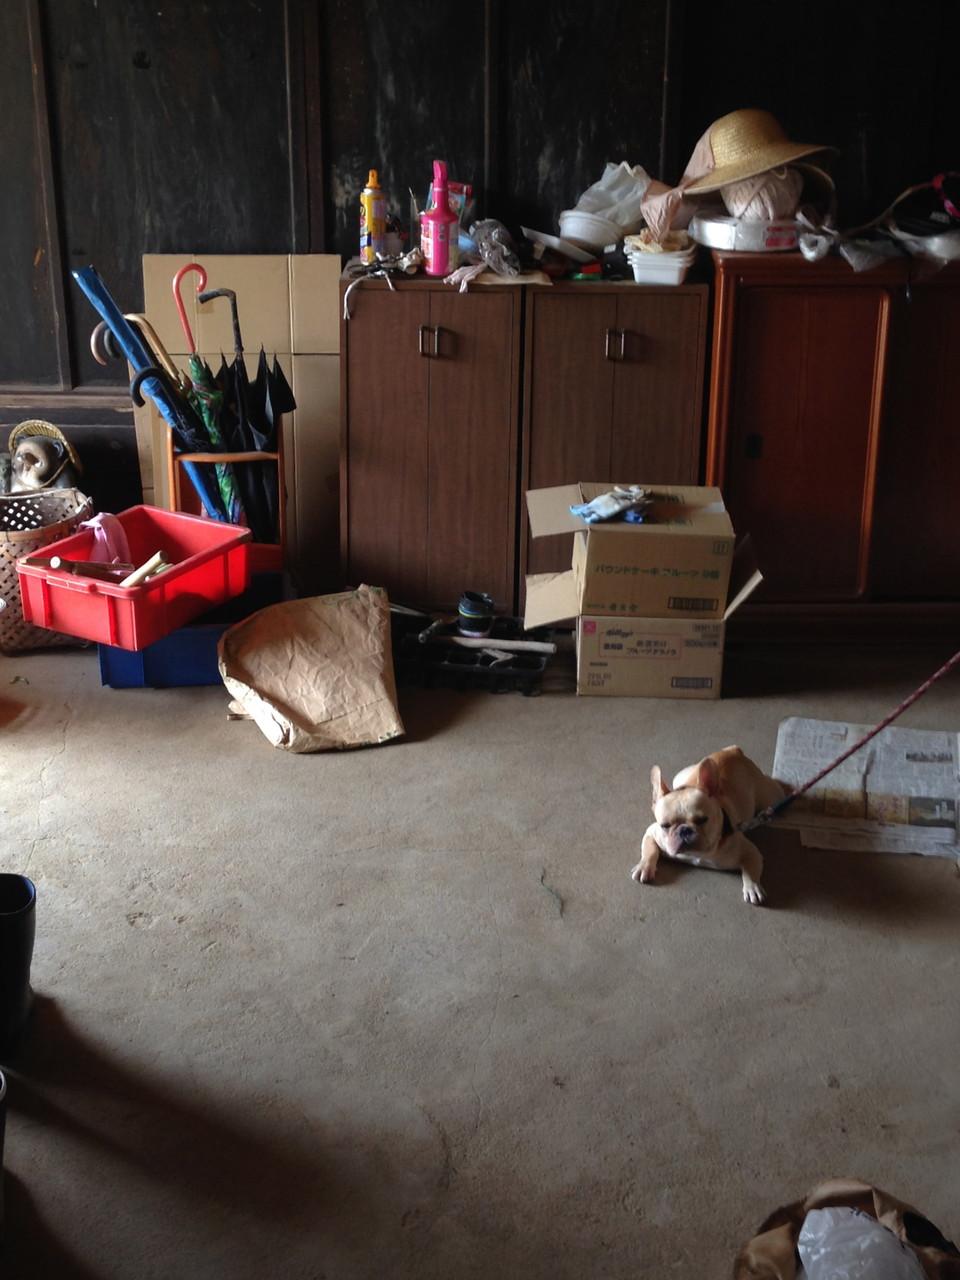 田舎のお家は床が冷たくて気持ちいいね〜